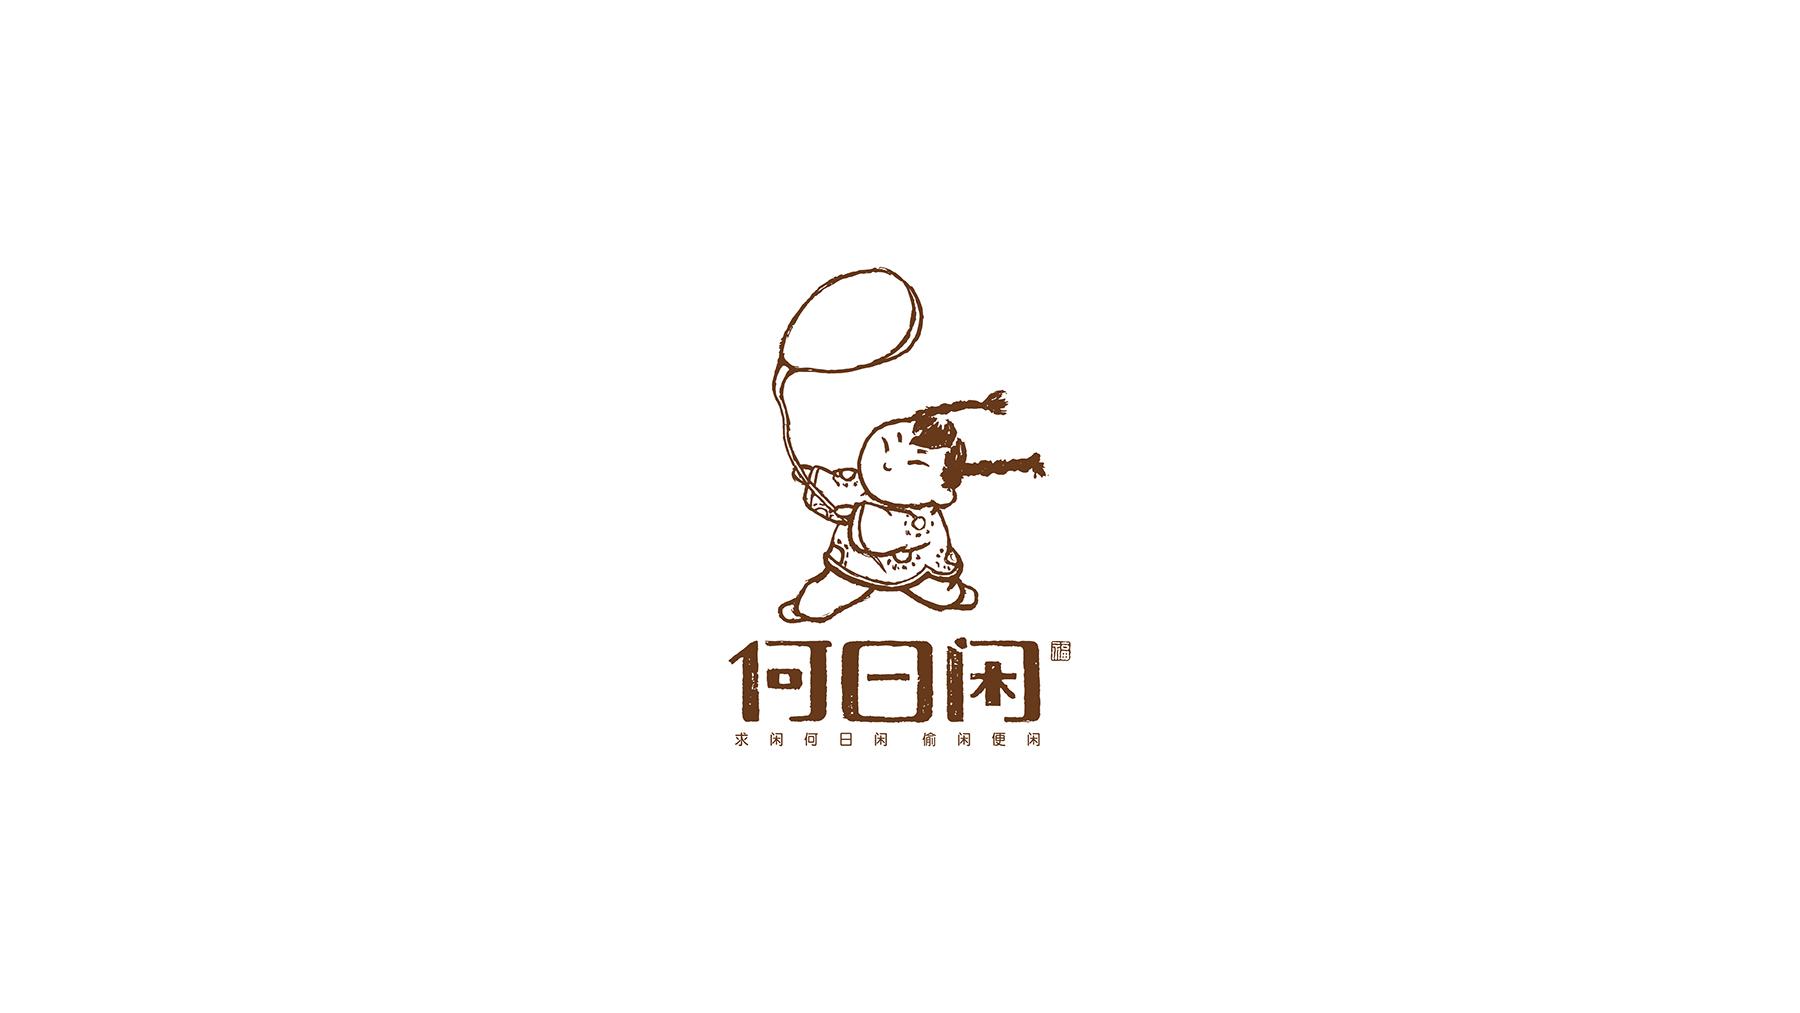 高新区logo设计公司